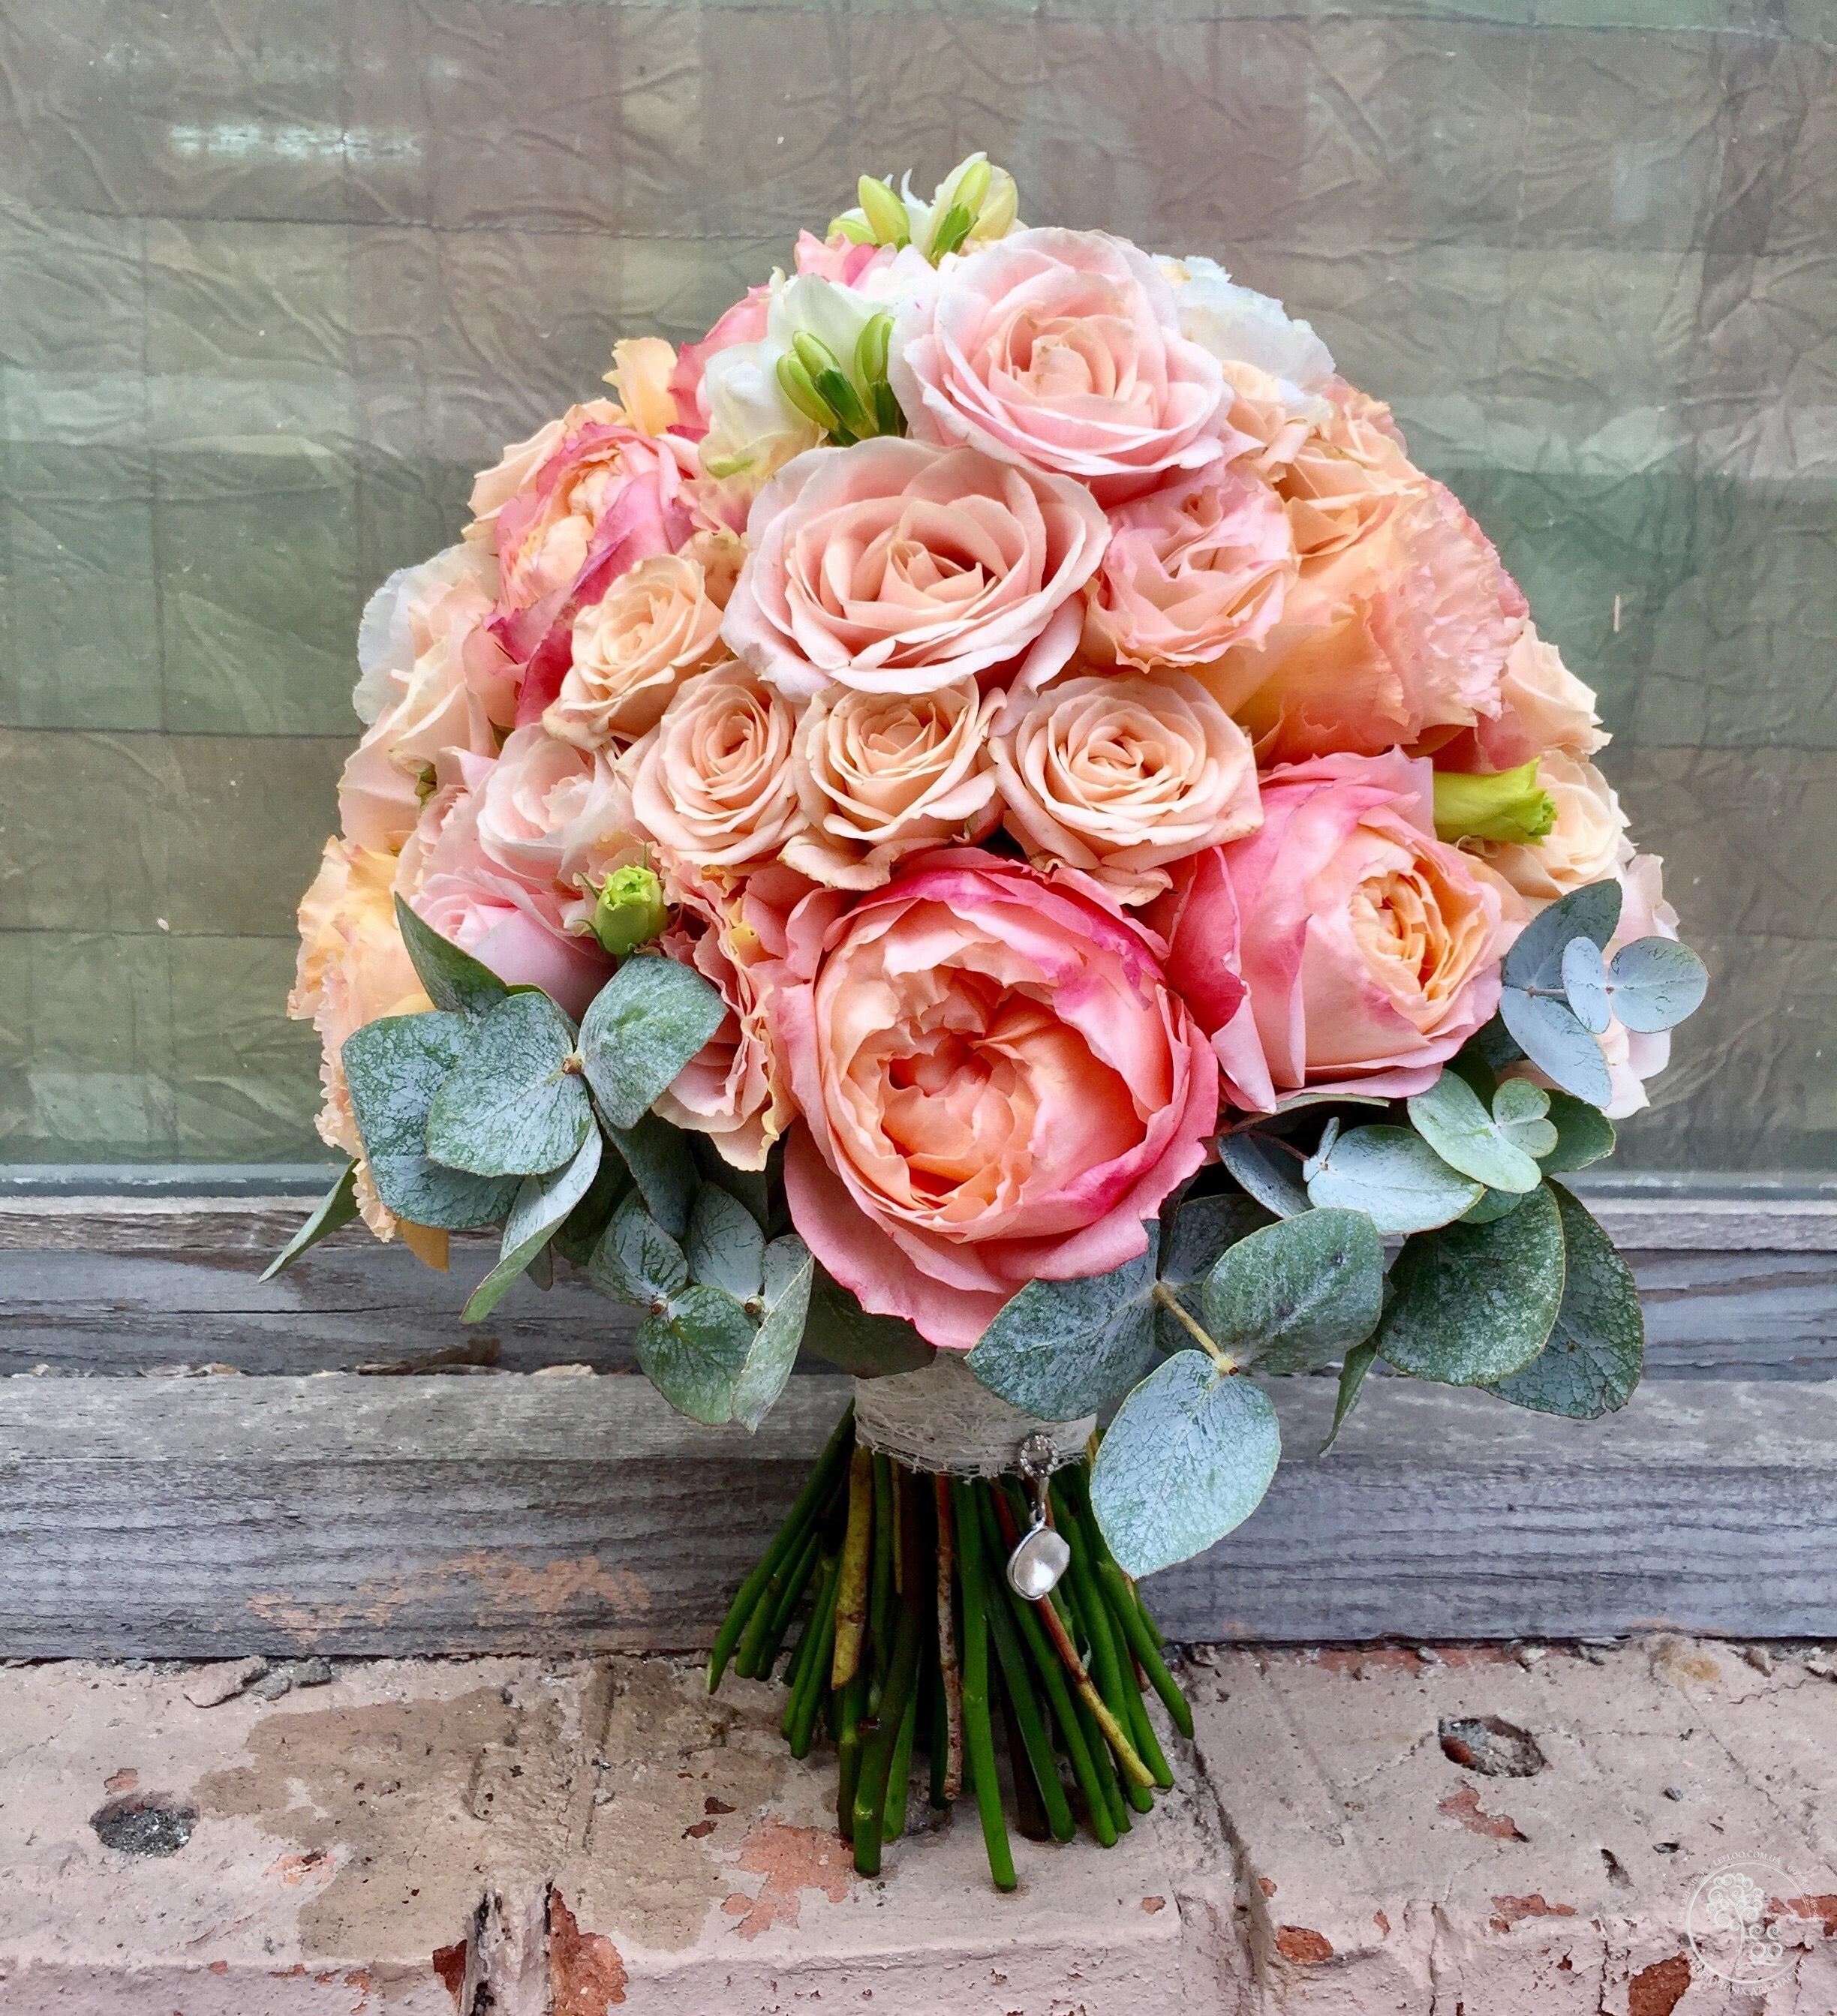 Роза, букеты для невест в караганде